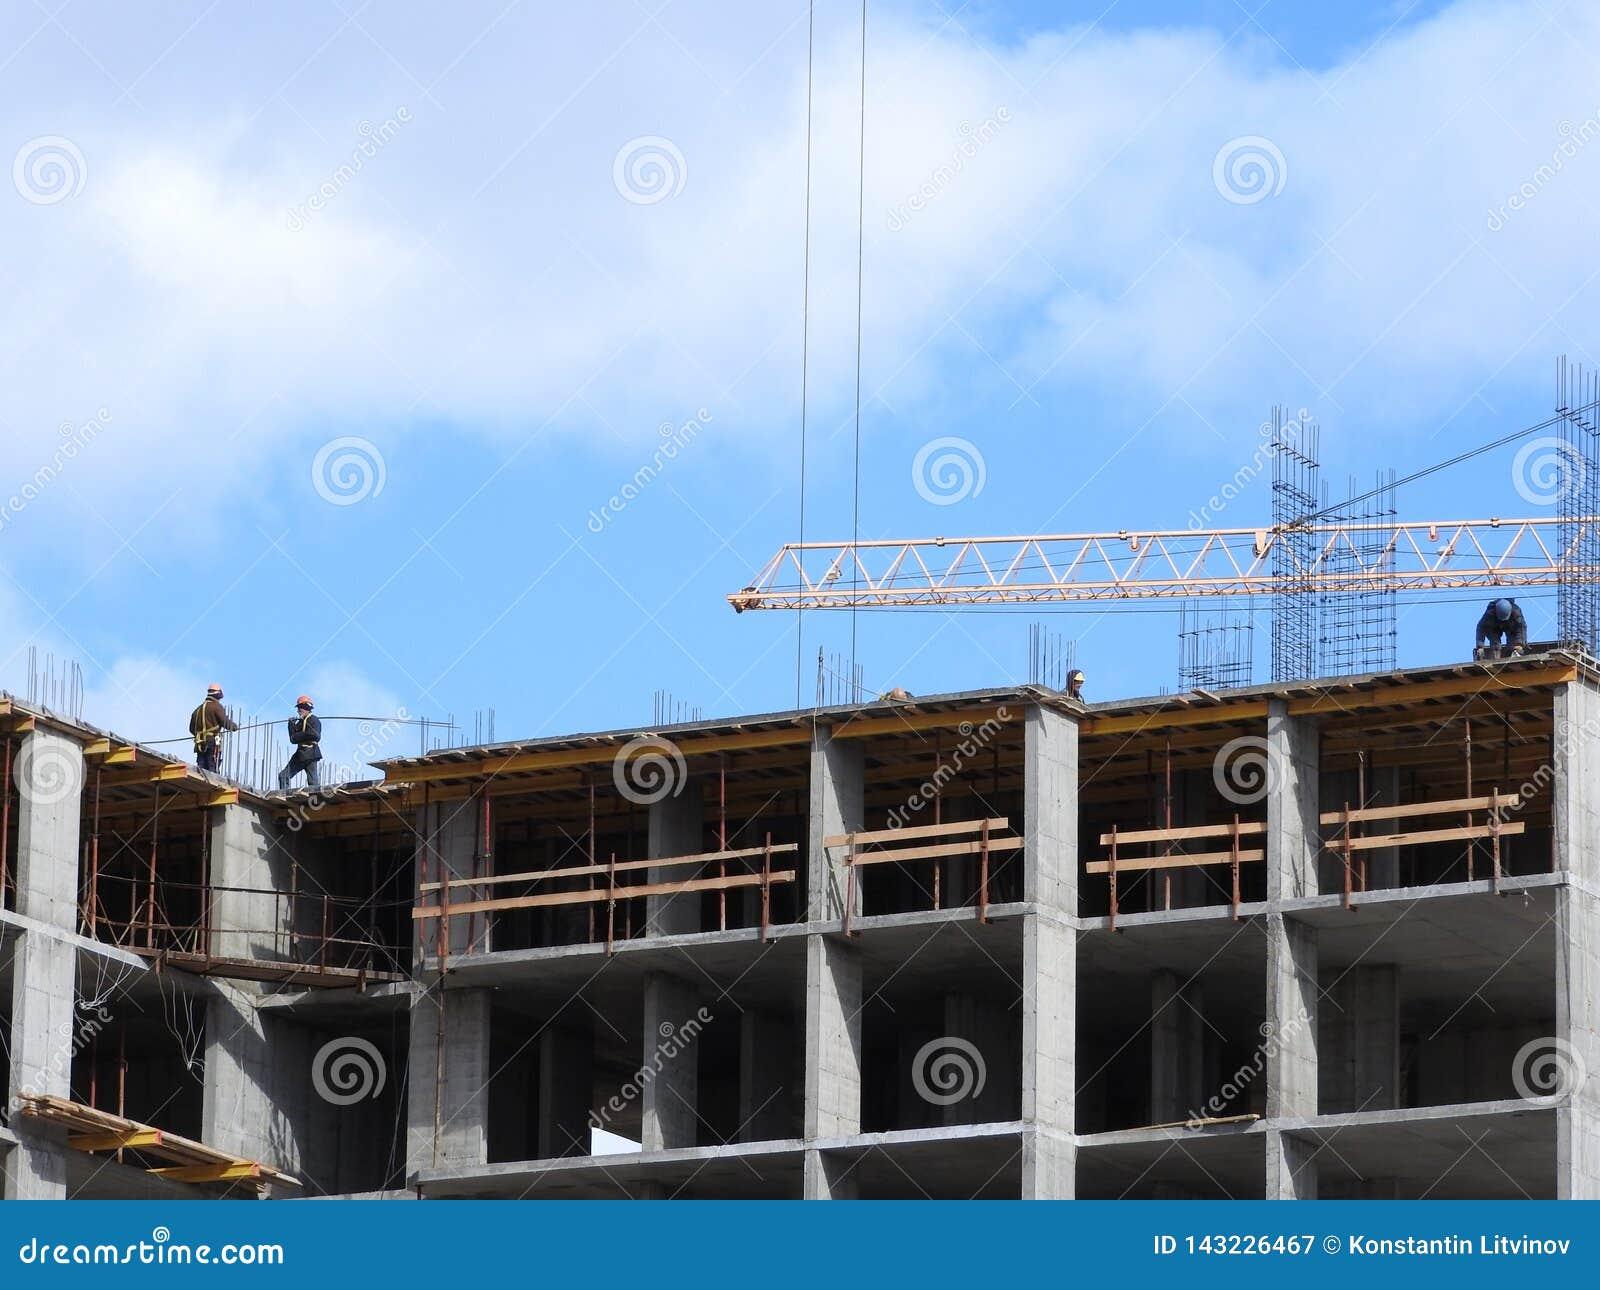 Большая строительная площадка, включая несколько кранов работая на комплексе конструкции, с ясным голубым небом